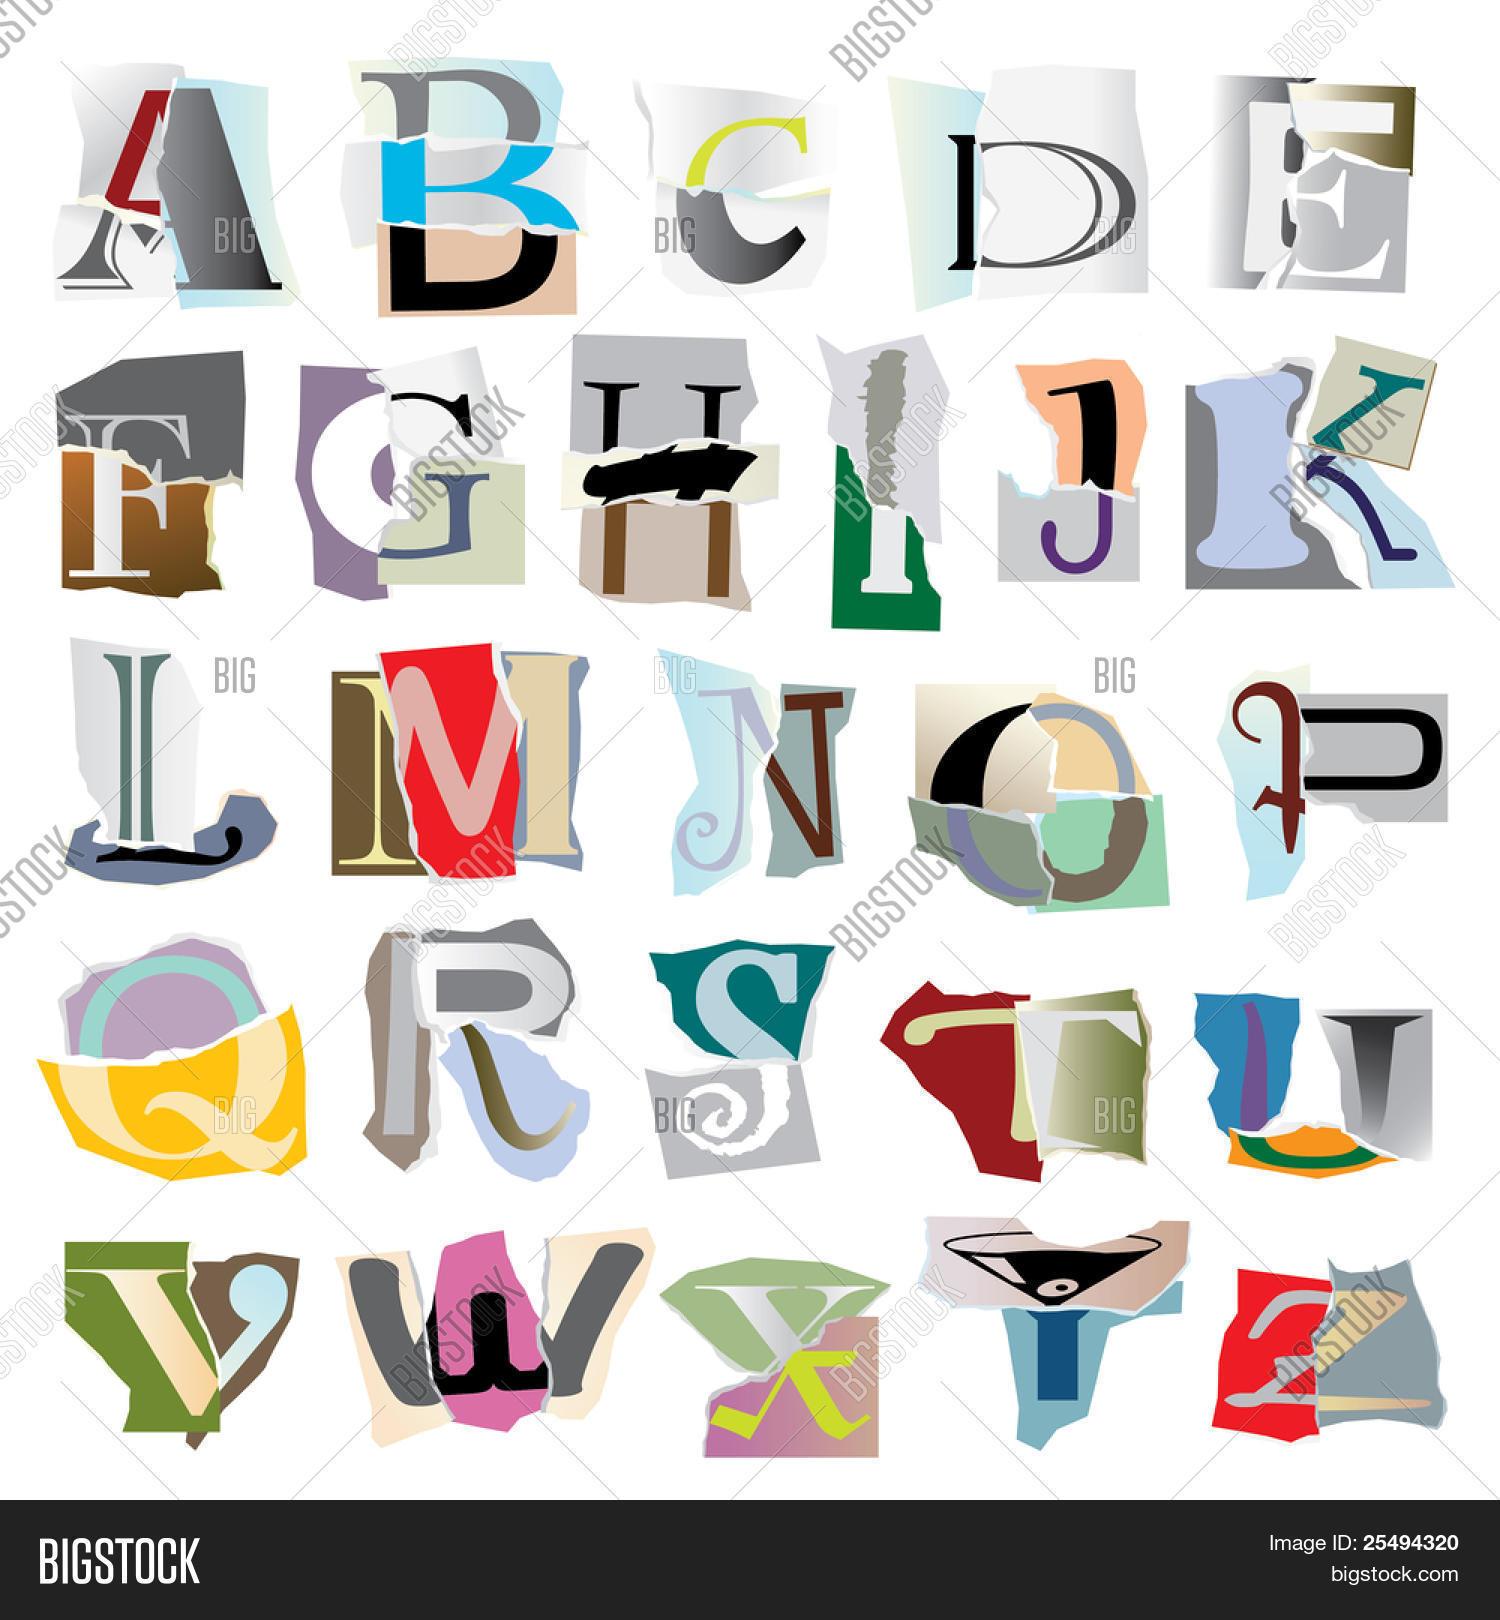 Imagen y foto Letras De Collage (prueba gratis) | Bigstock